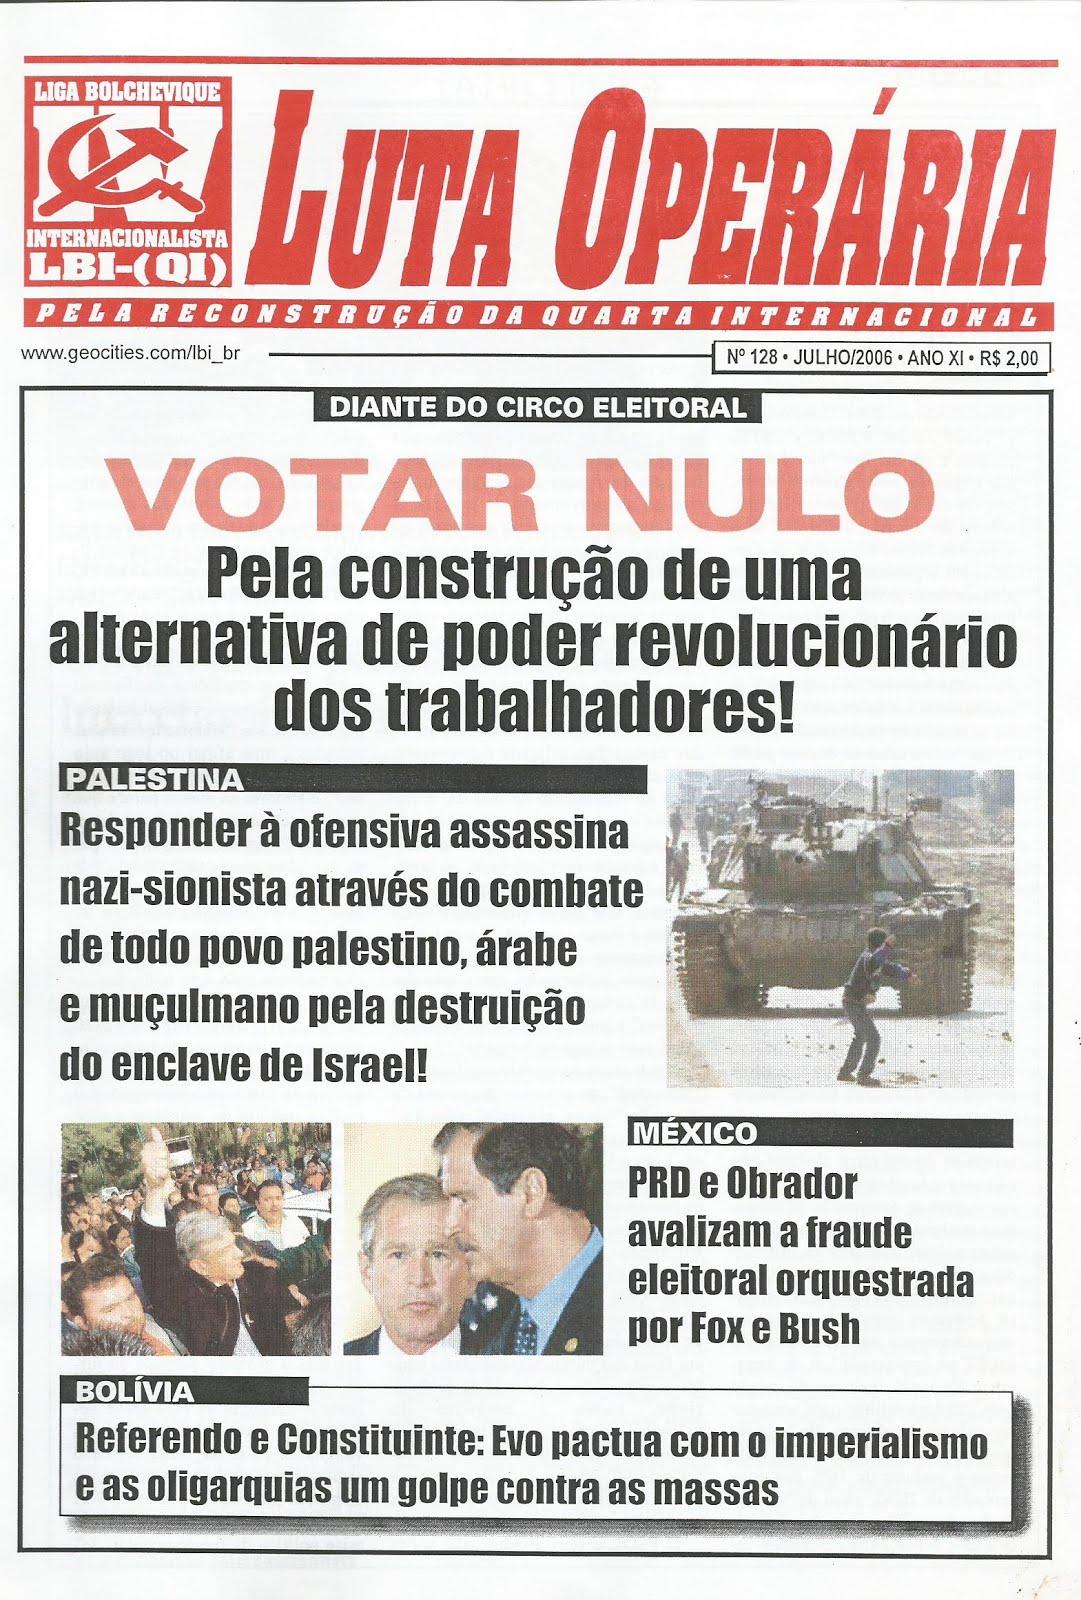 LEIA A EDIÇÃO DO JORNAL LUTA OPERÁRIA Nº128, JULHO/2006